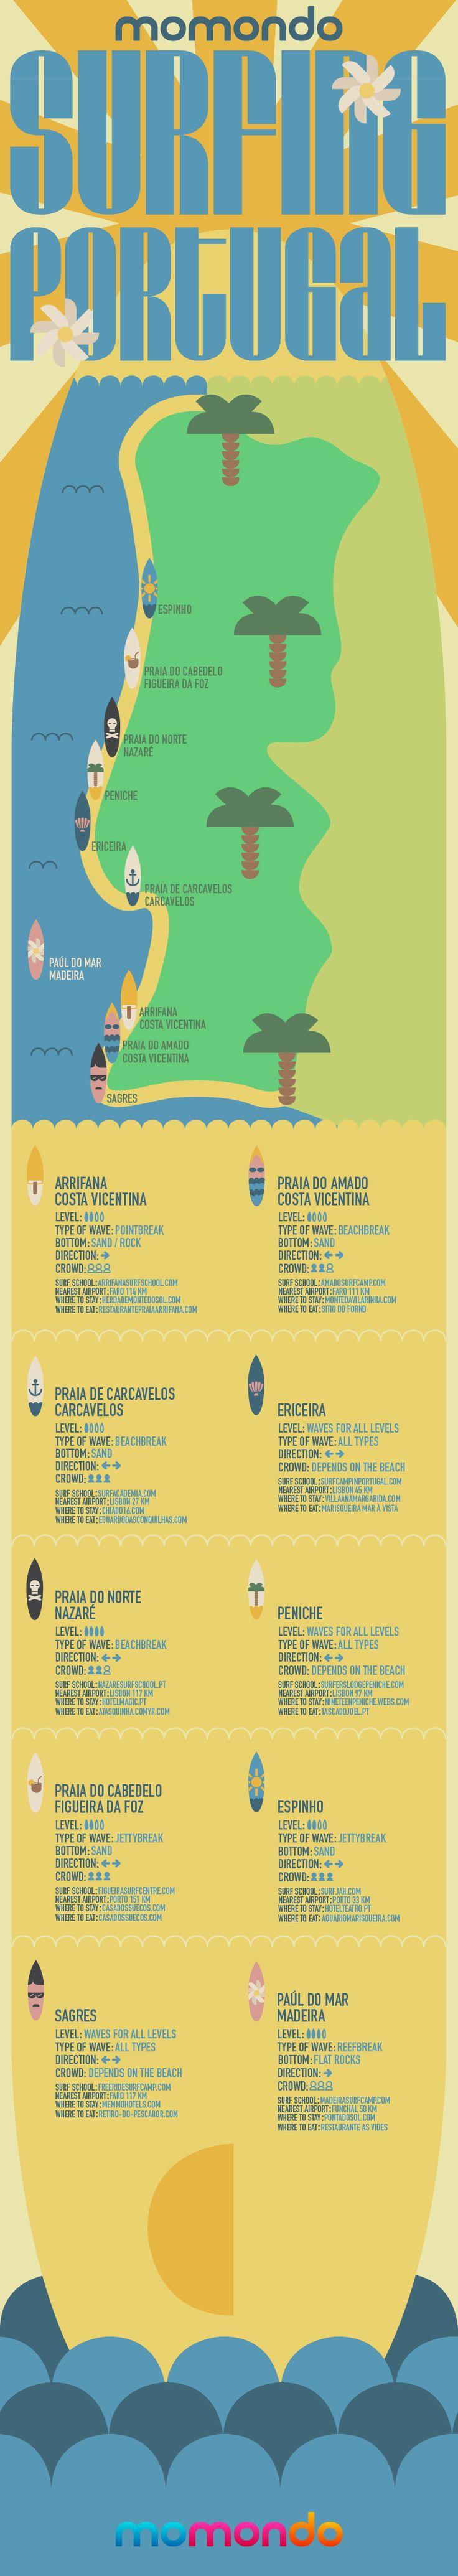 Infografía De Surf En Portugal Surfmocion Surfear Surfistas Surf